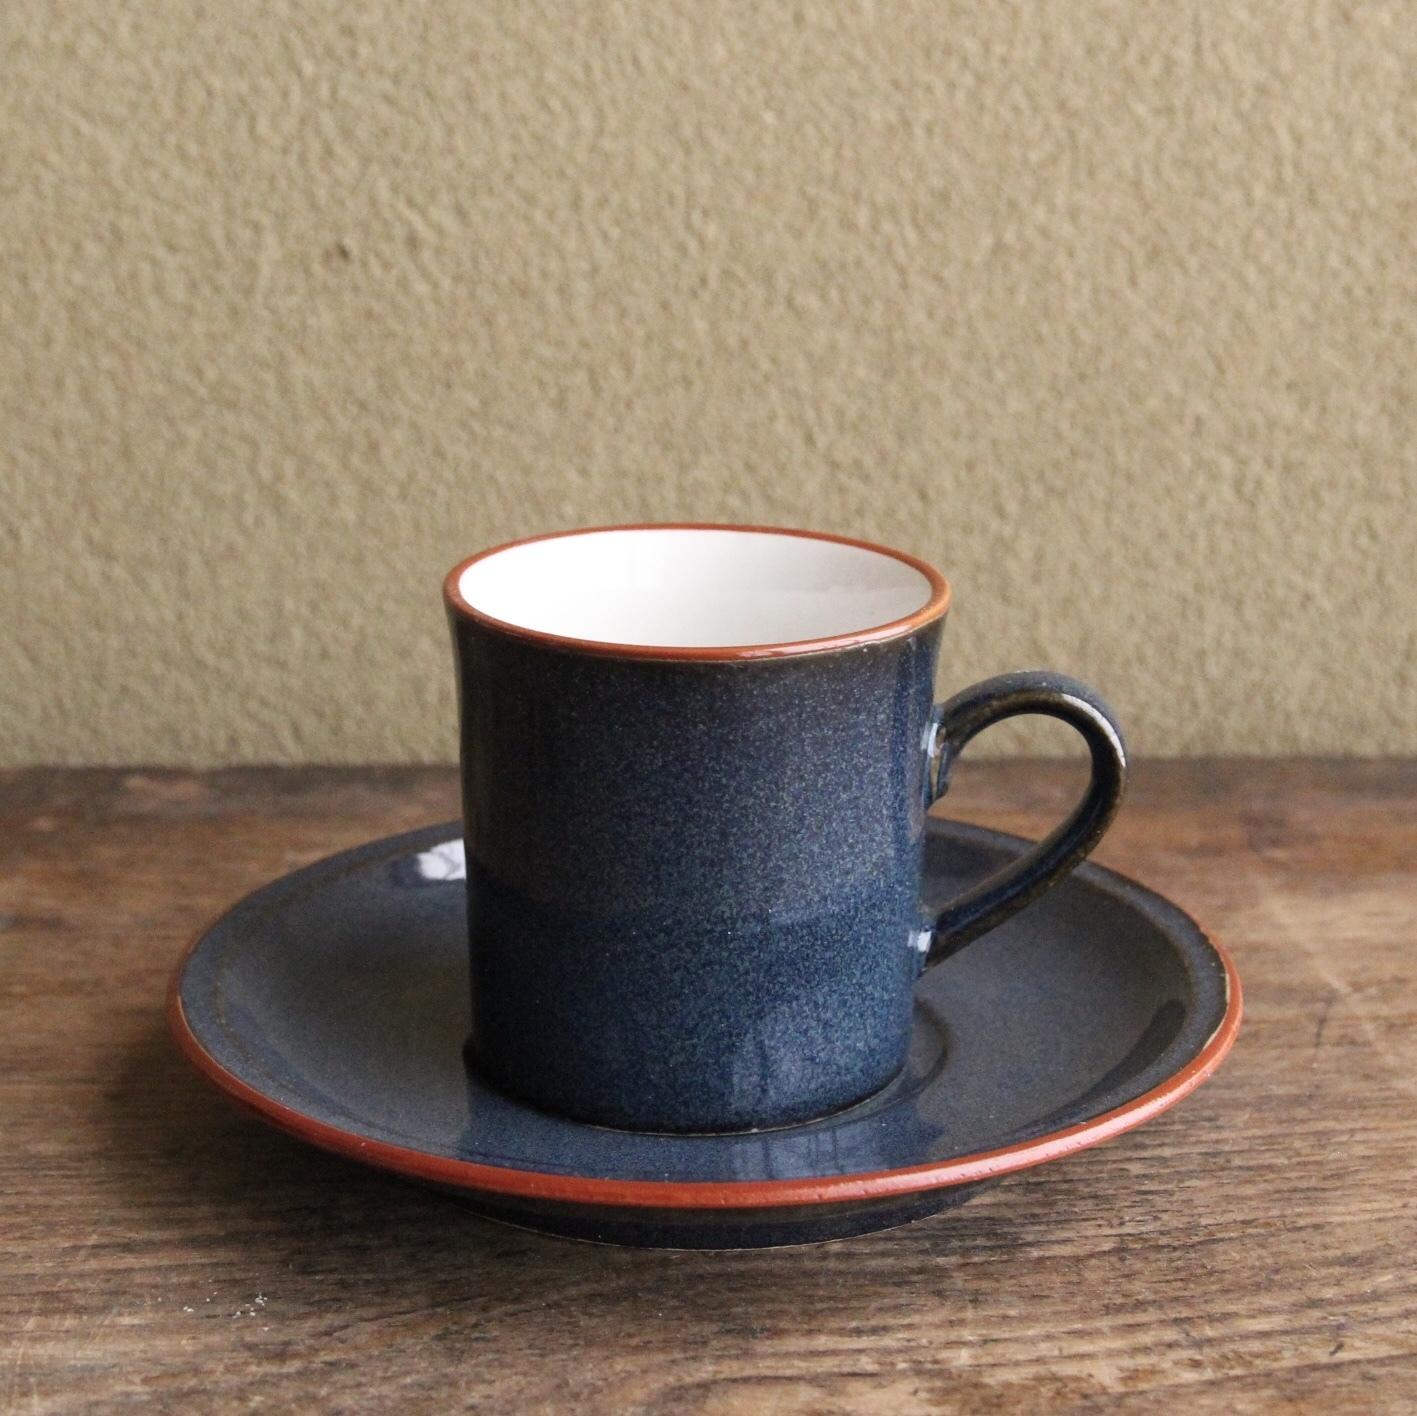 青鈍色のカップ&ソーサー 在庫4客